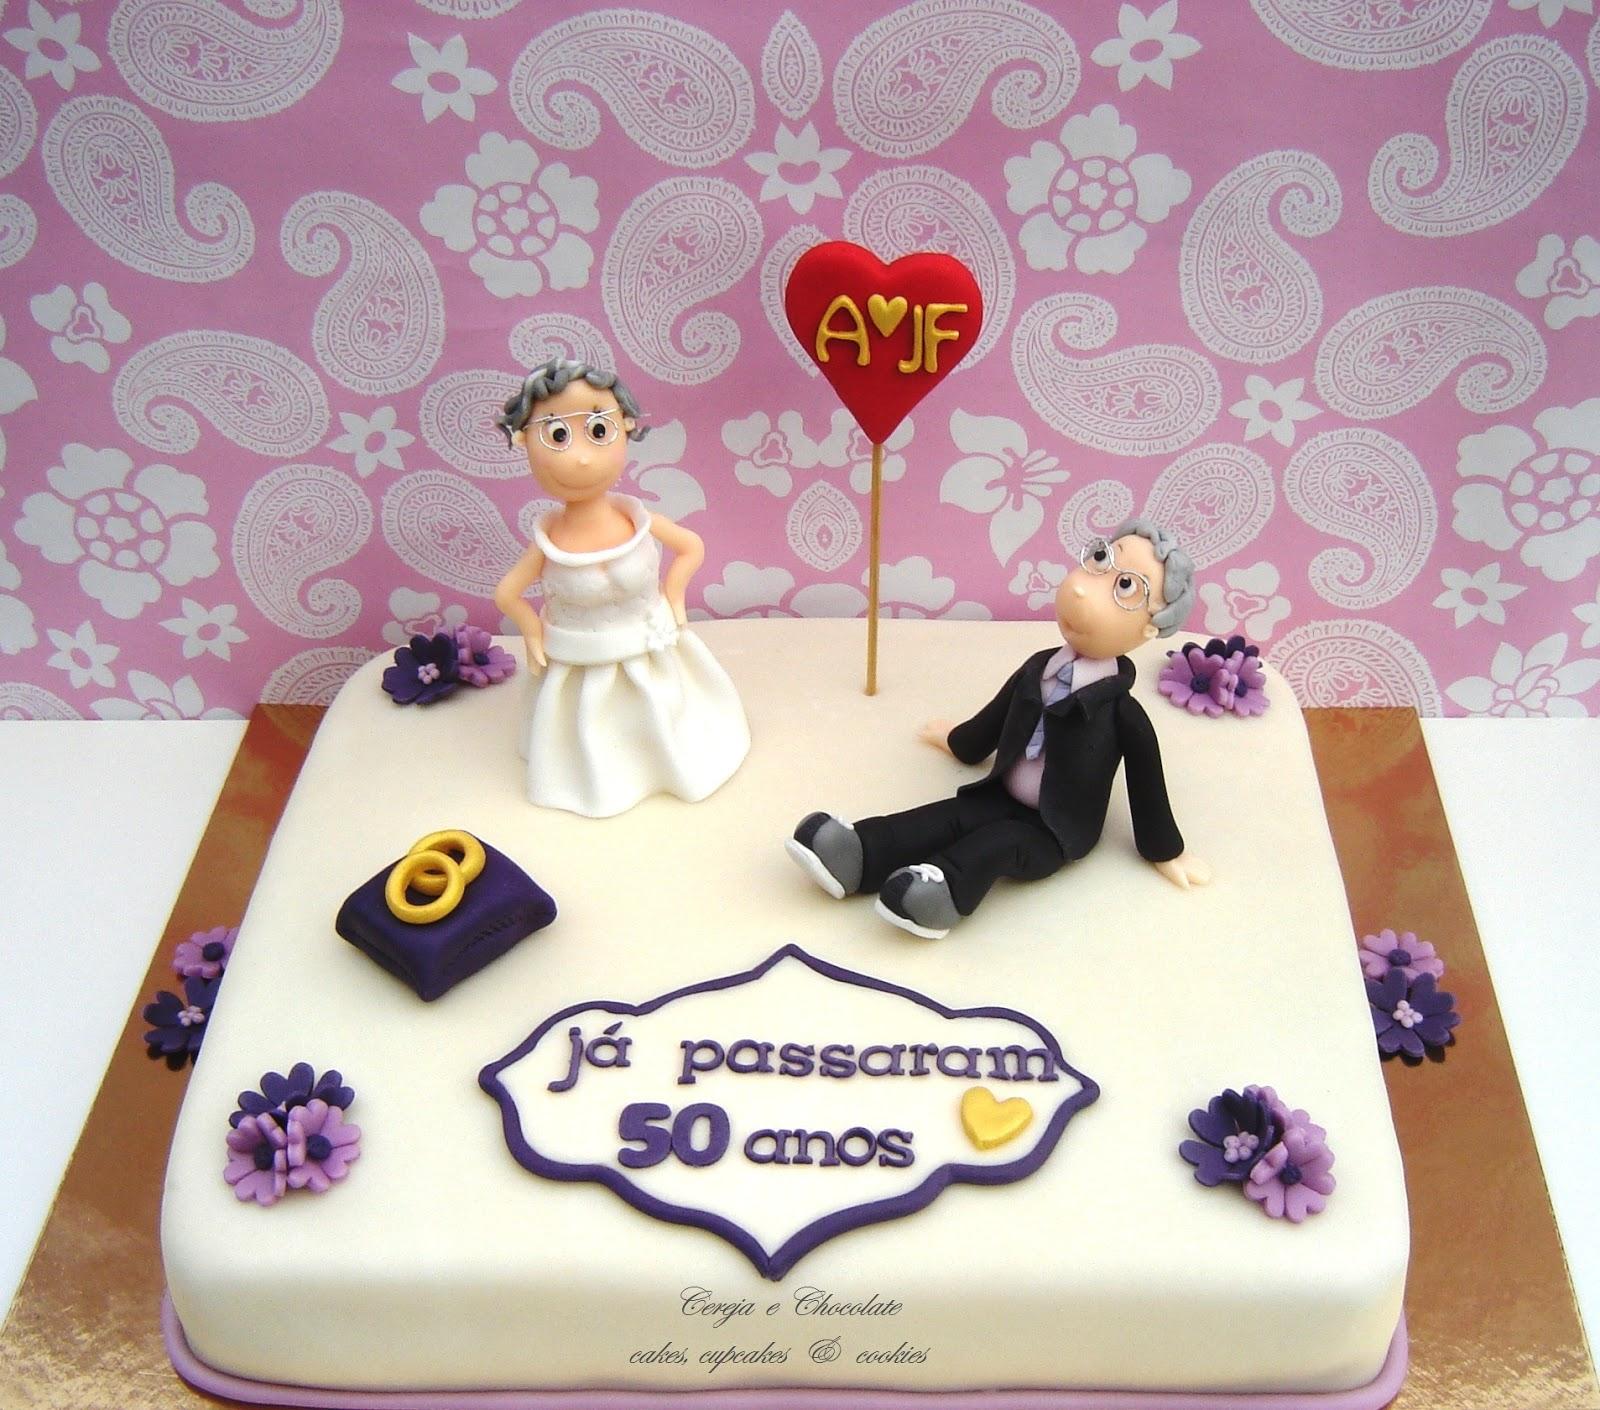 Cereja e chocolate 50 anos de - Regalos 50 anos de casados ...